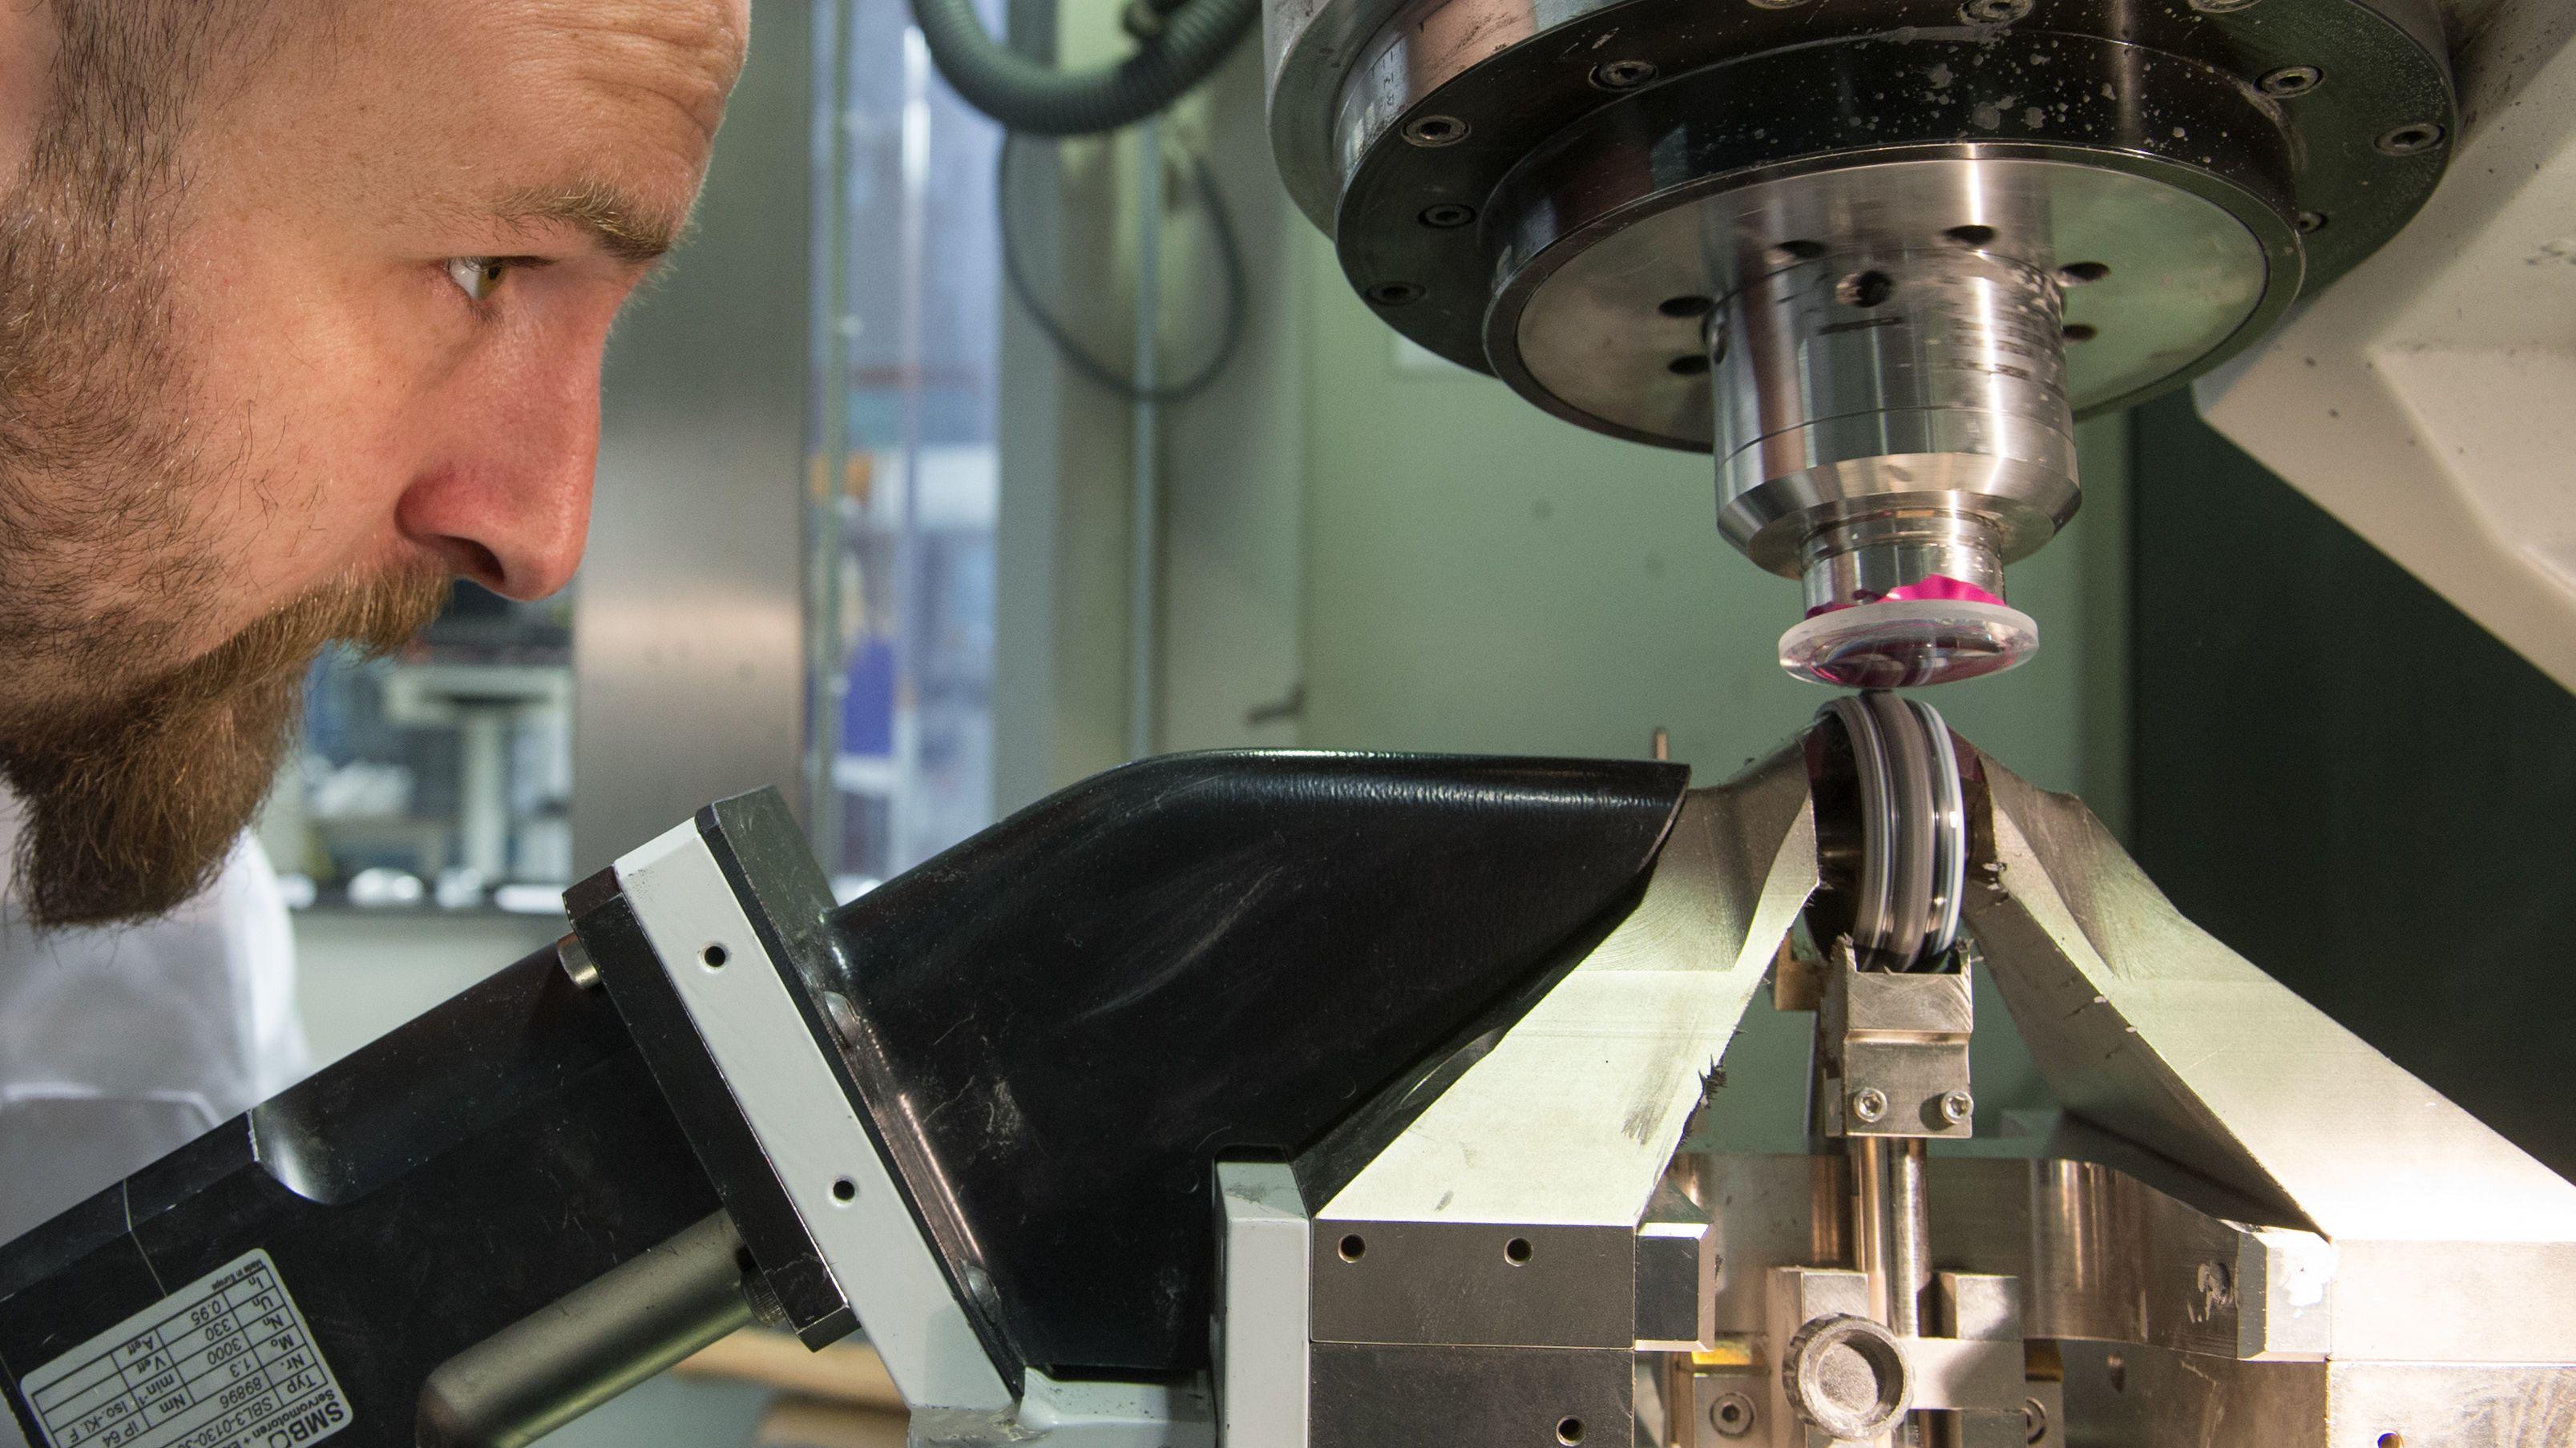 Im Technologiecampus Teisnach beobachtet ein Student wie eine Glaslinse mit einer Maschine bearbeitet wird